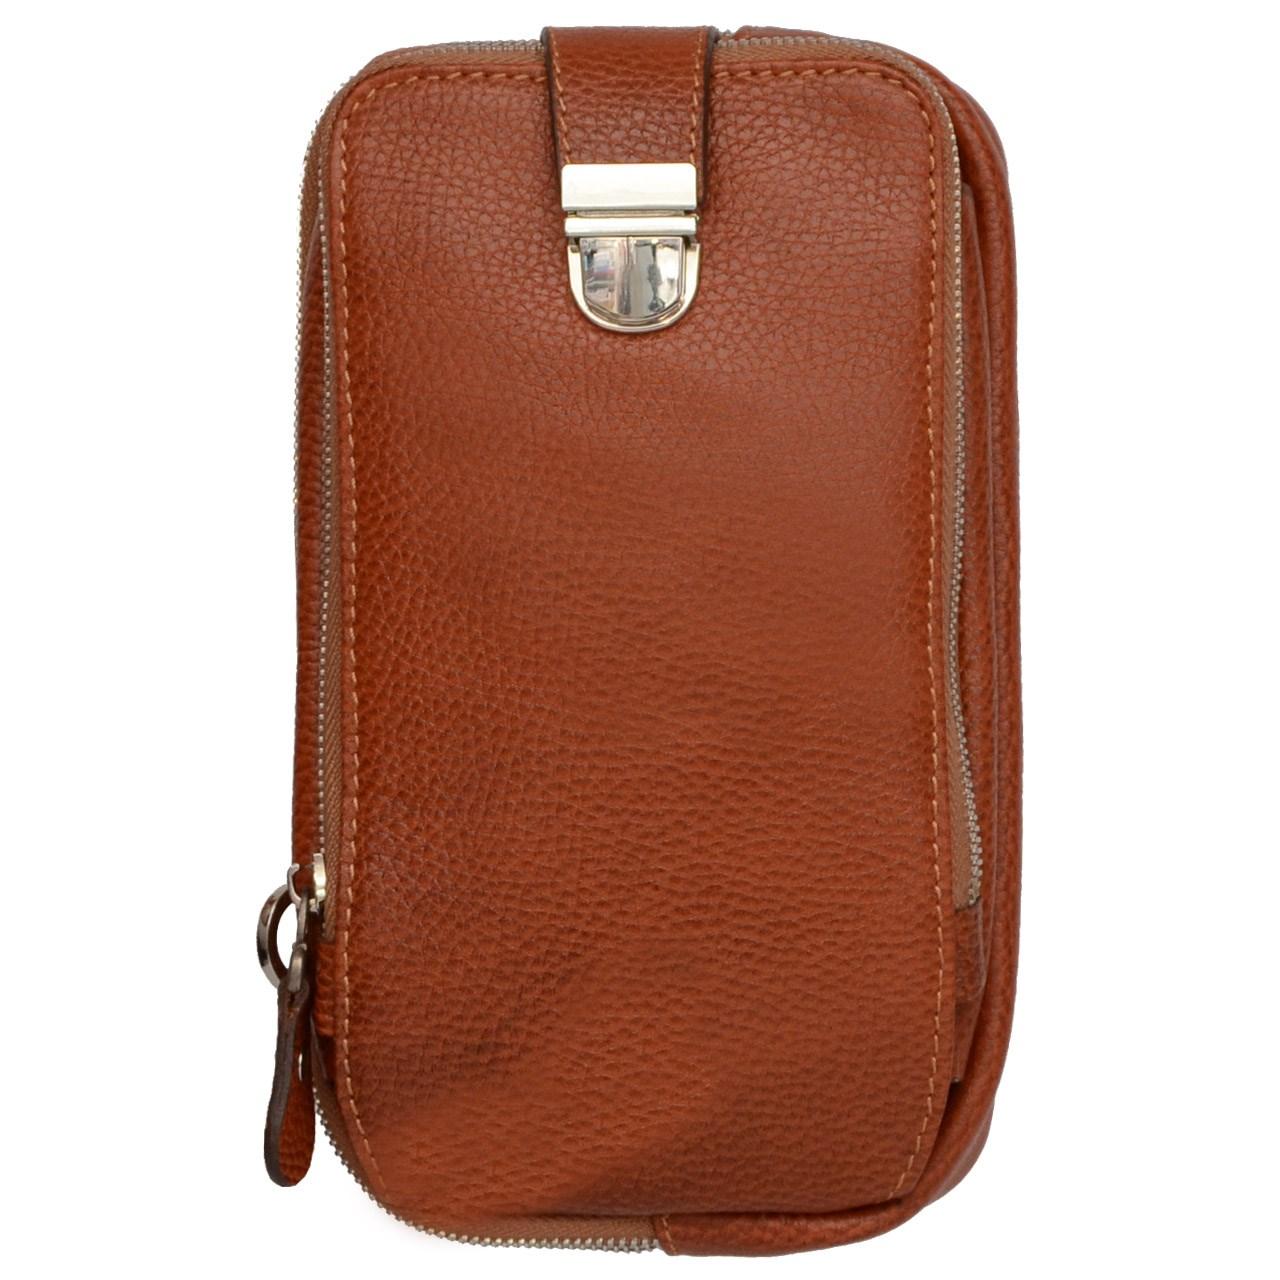 قیمت کیف دستی گارد مدل T71185